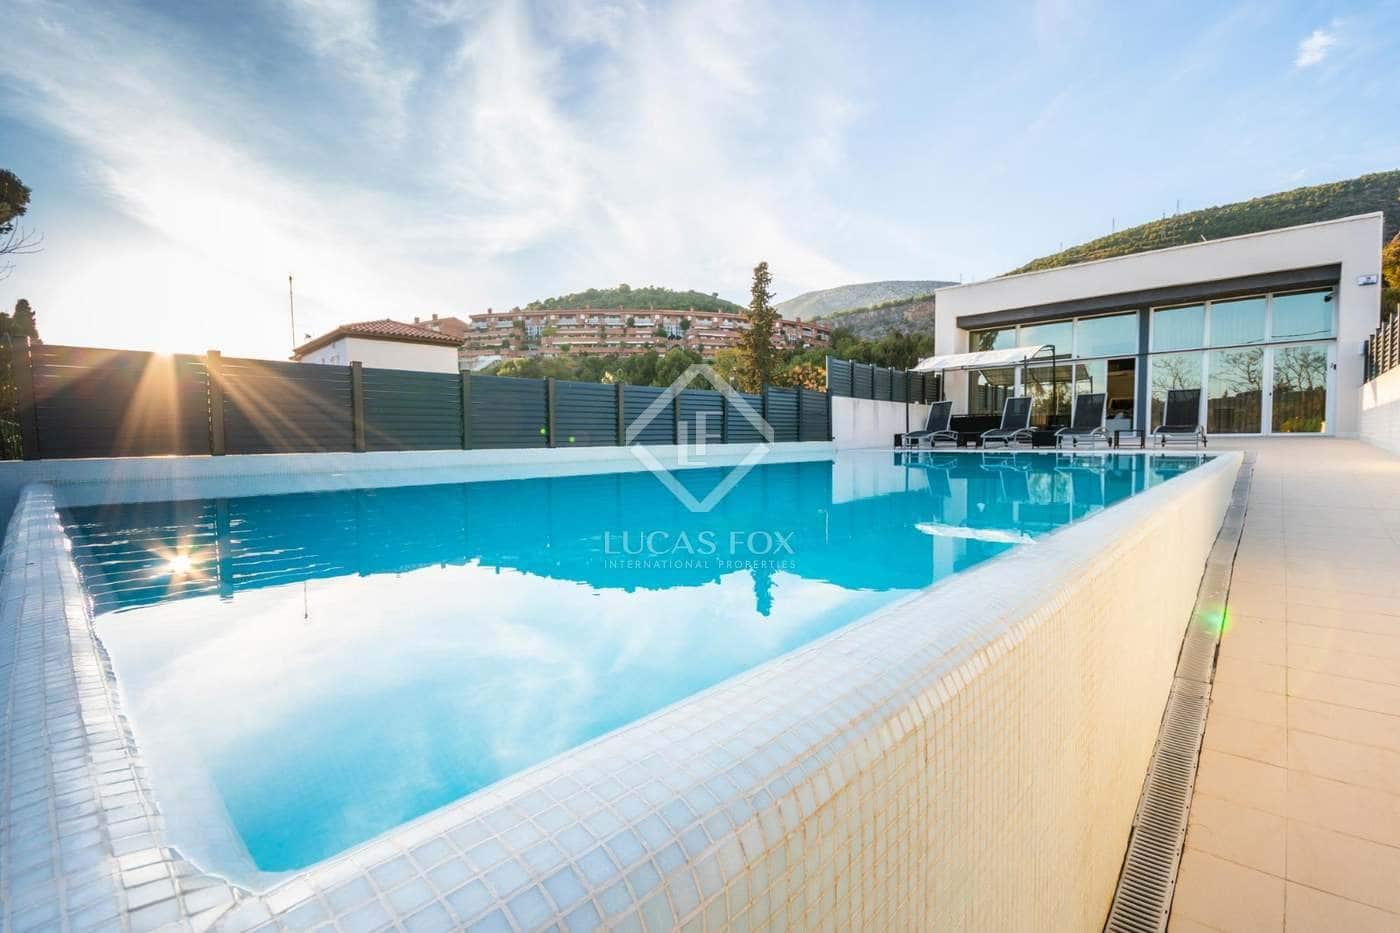 Local Comercial de 8 habitaciones en Garraf en venta con piscina garaje - 1.680.000 € (Ref: 4871599)